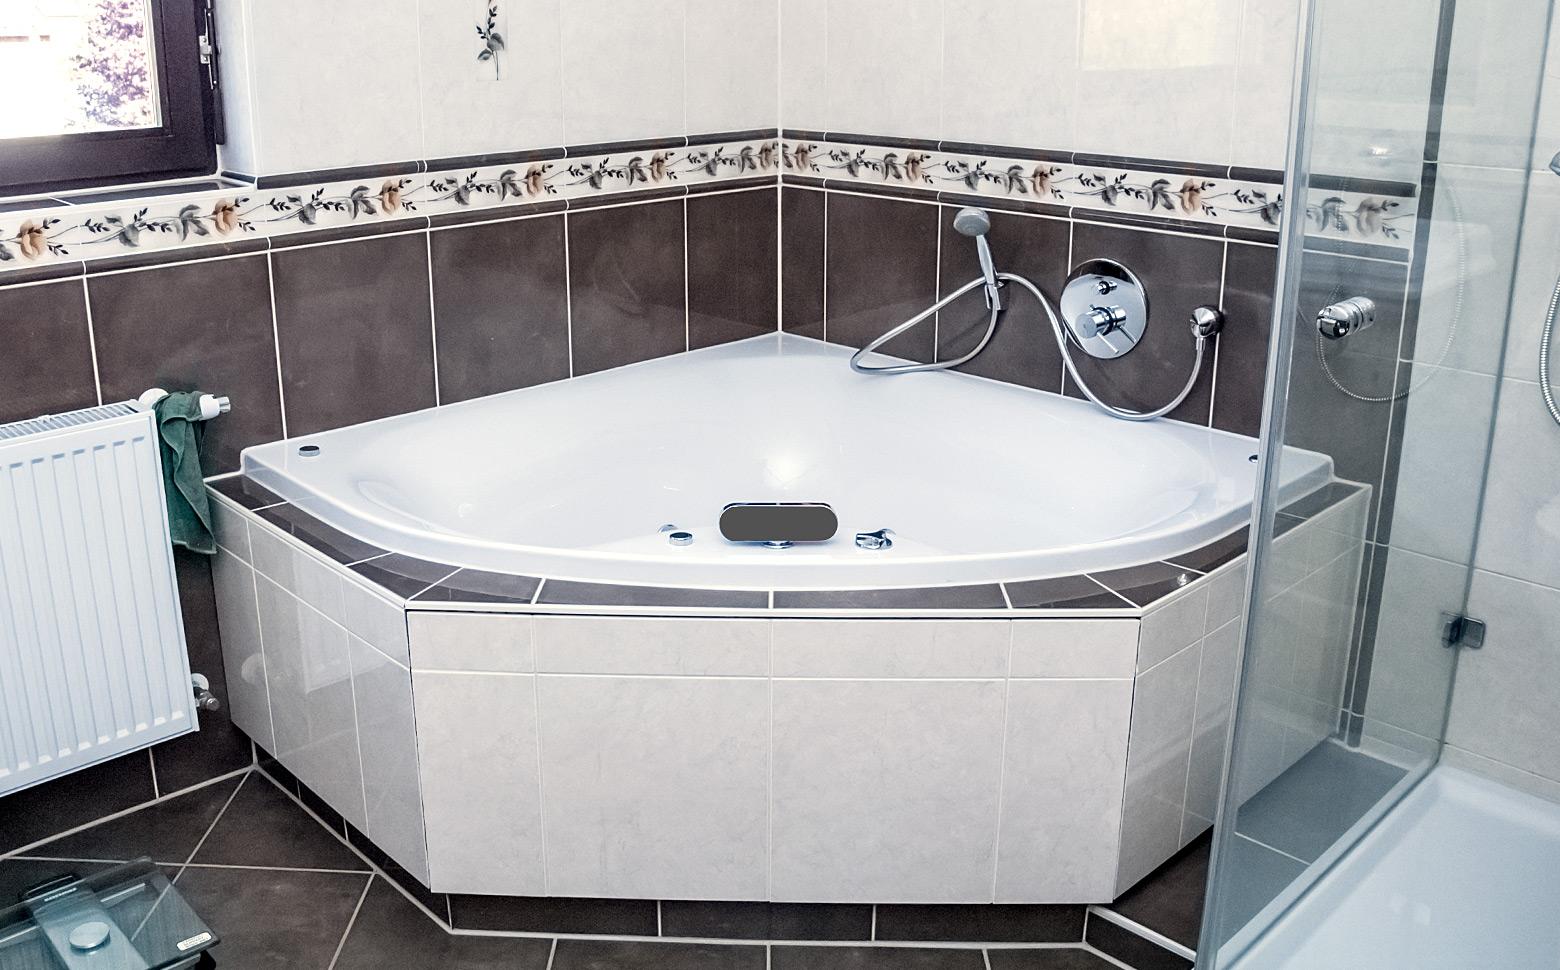 Referenzen kategorie badezimmer 1 untergruppenbach - Fliesen untergruppenbach ...